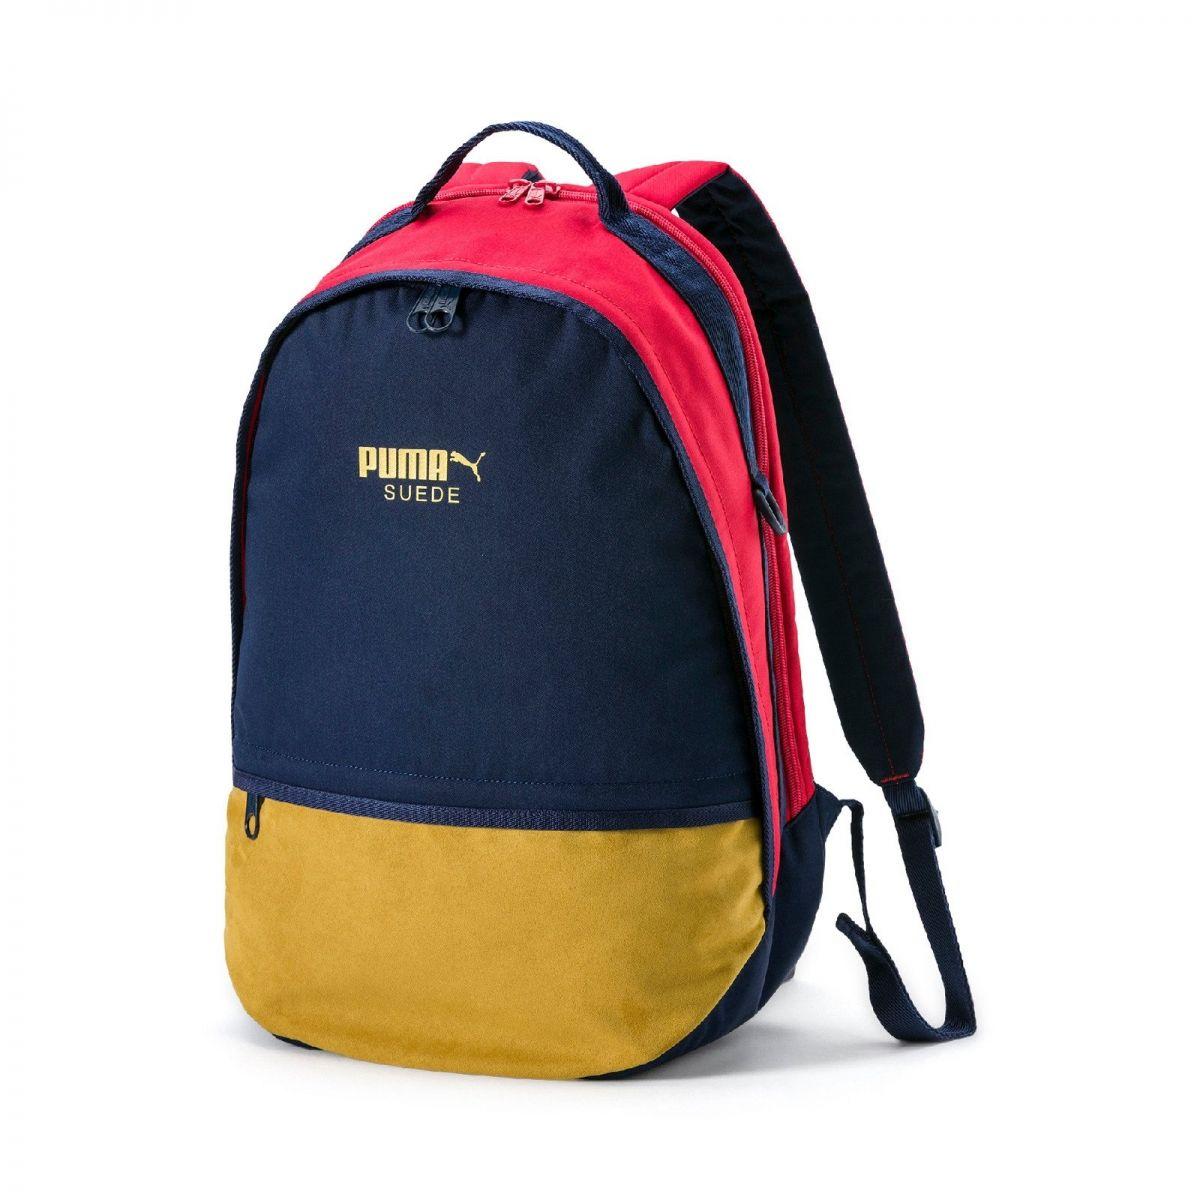 8b611e127c Type Backpacks Puma Suede Backpack